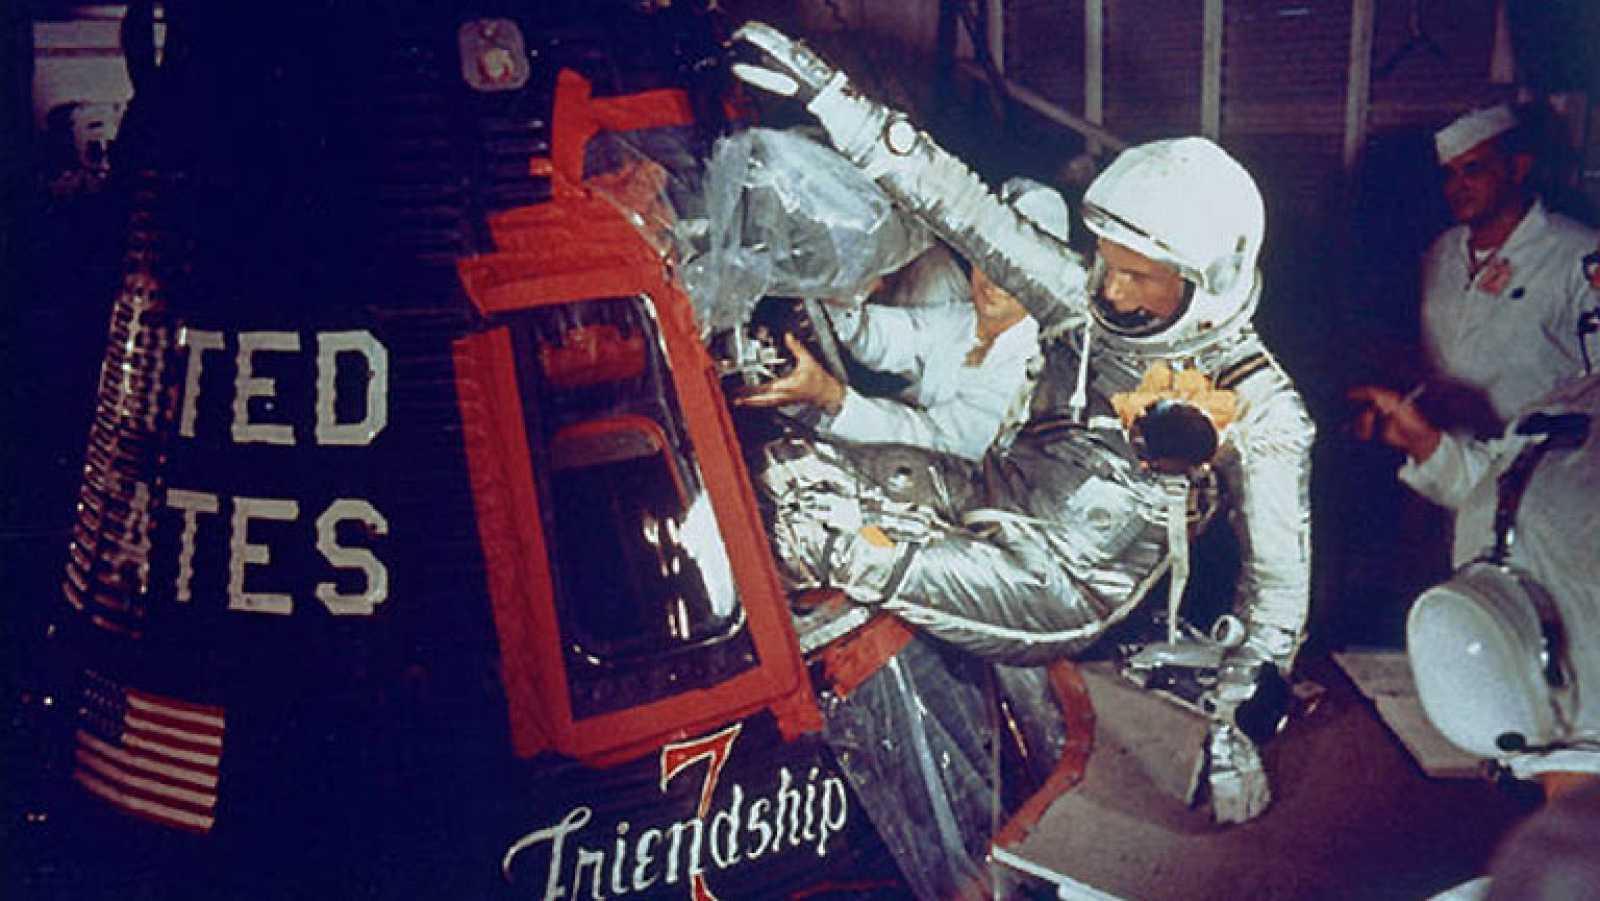 El 20 de febrero de 1962, un cohete Atlas despegó con éxito  llevando a bordo a John Glenn y la respuesta de Estados Unidos al  hito soviético de Yuri Gagarin. 'Amistad 7', la primera misión  orbital tripulada de la NASA condujo a los estadounidens